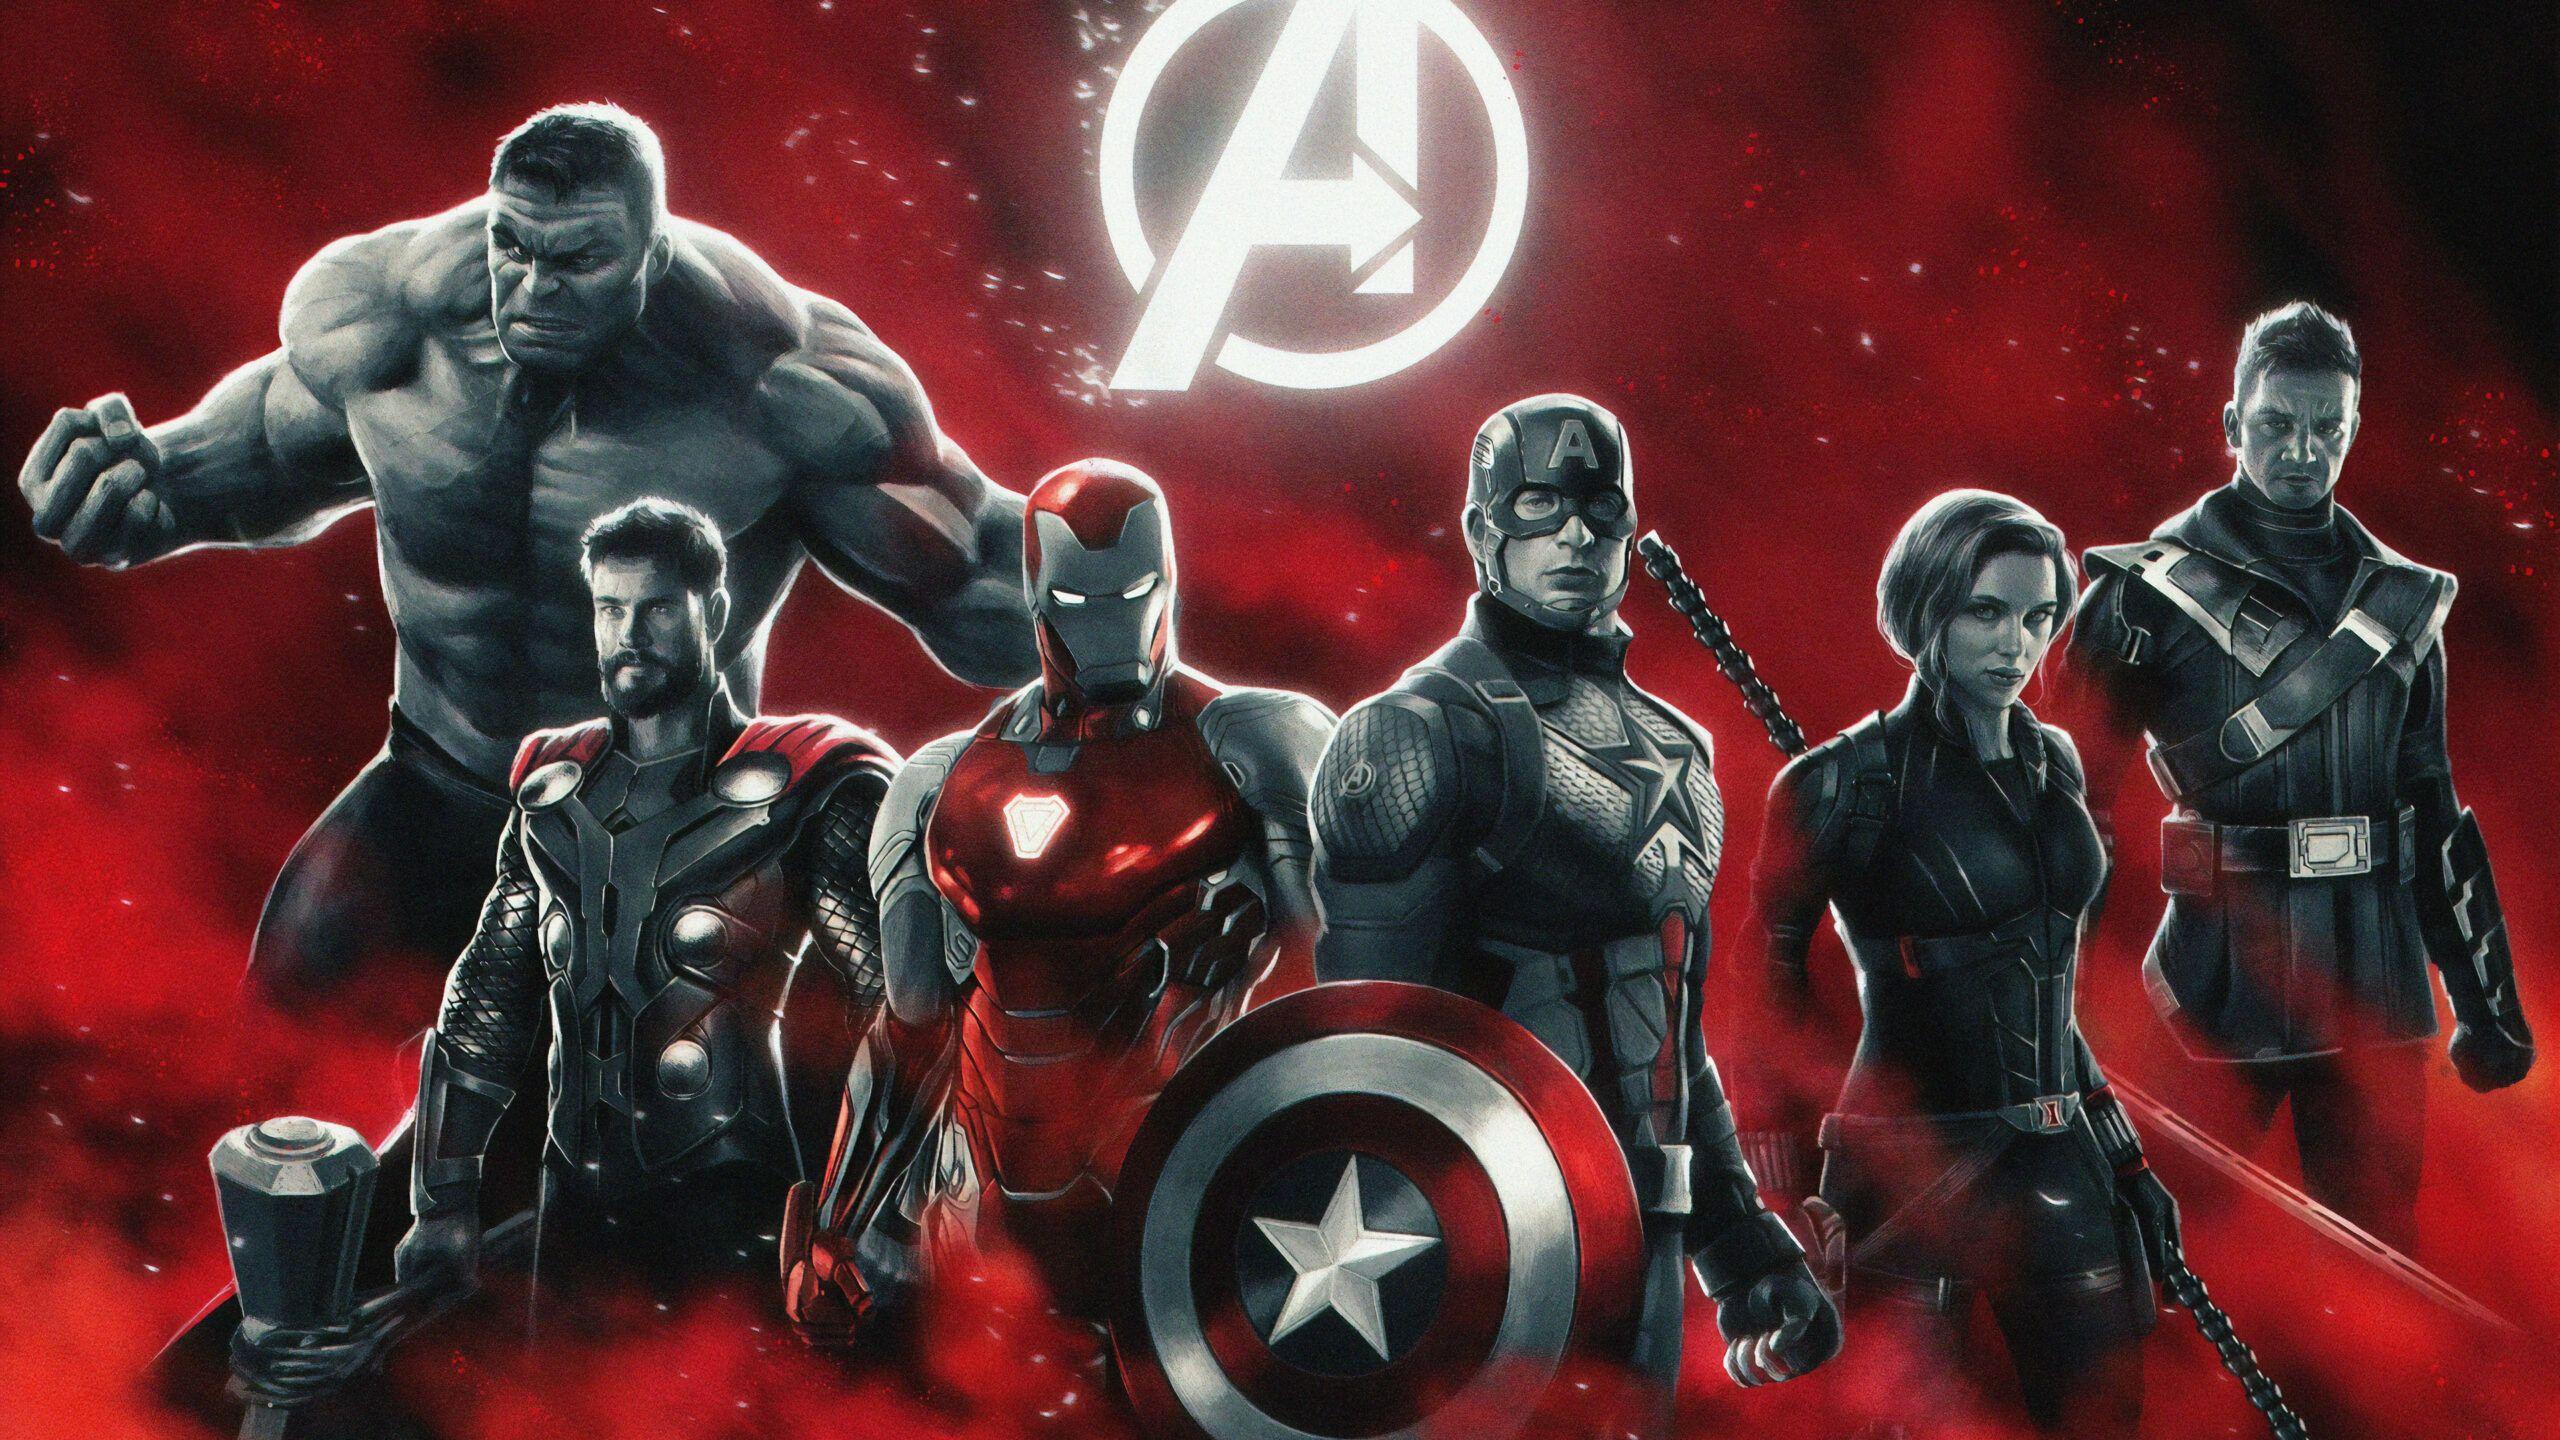 Fresh Avengers Endgame Thor Hd Wallpaper Avengers Wallpaper Thor Wallpaper 4k Wallpapers For Pc